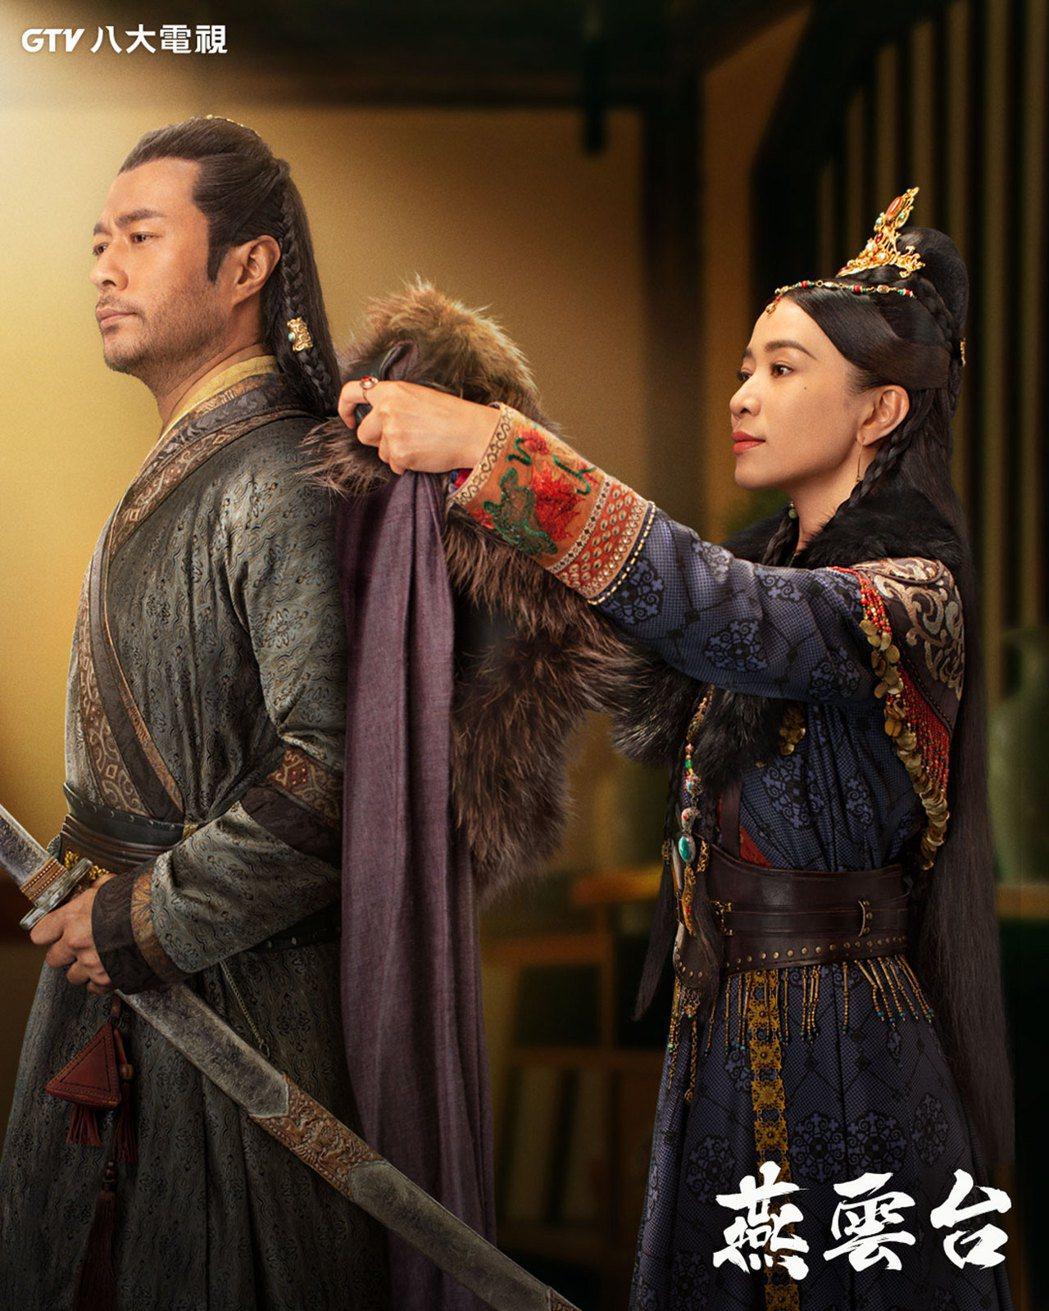 佘詩曼(右)、譚凱在「燕雲台」中夫妻恩愛。圖/八大電視提供